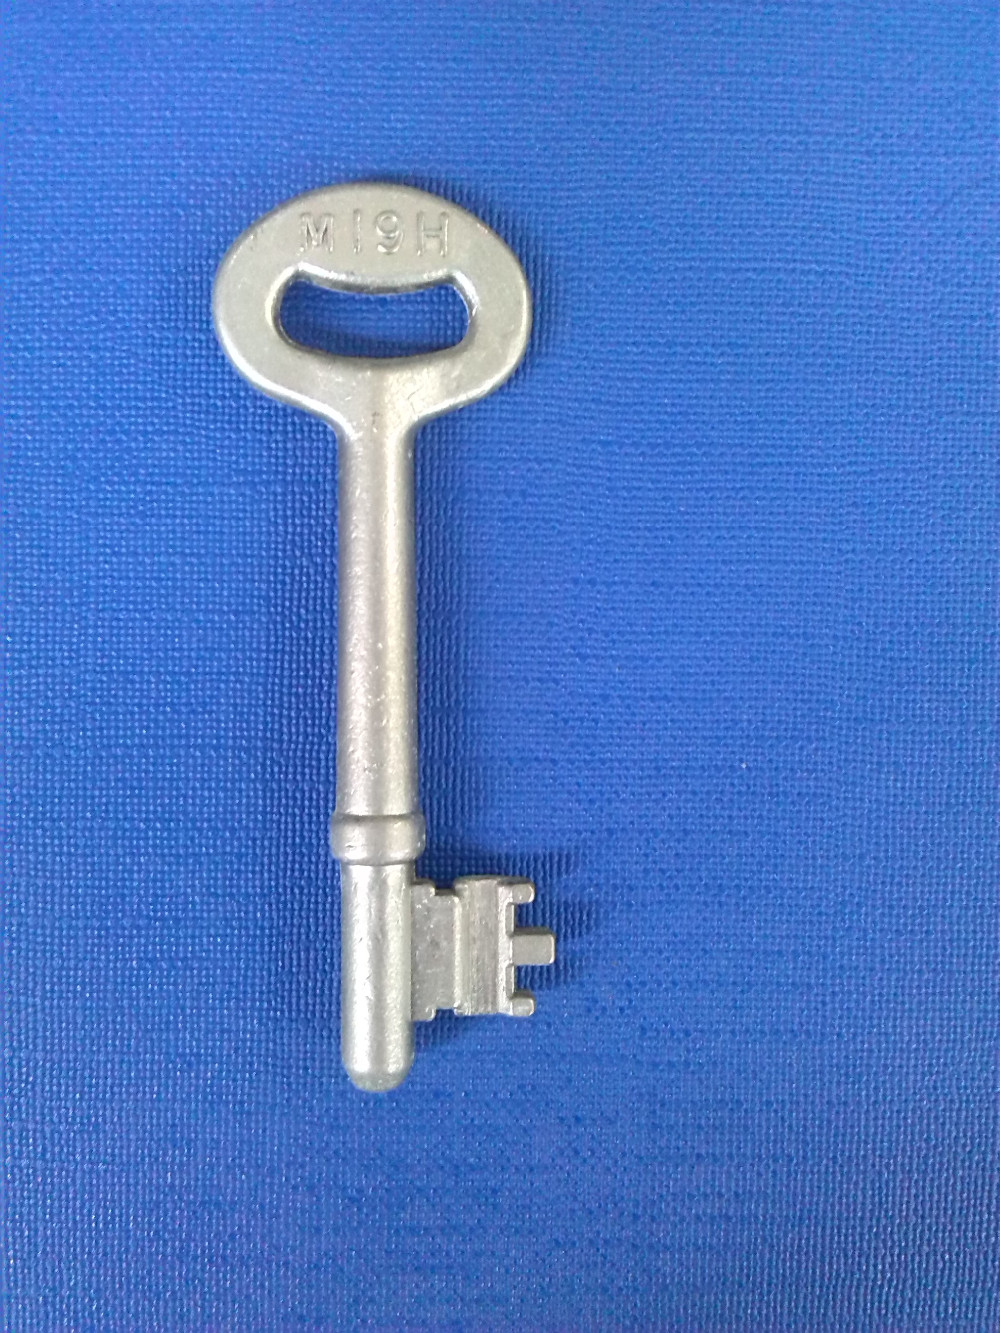 Как сделать ключ от двери самая простая инструкция 92